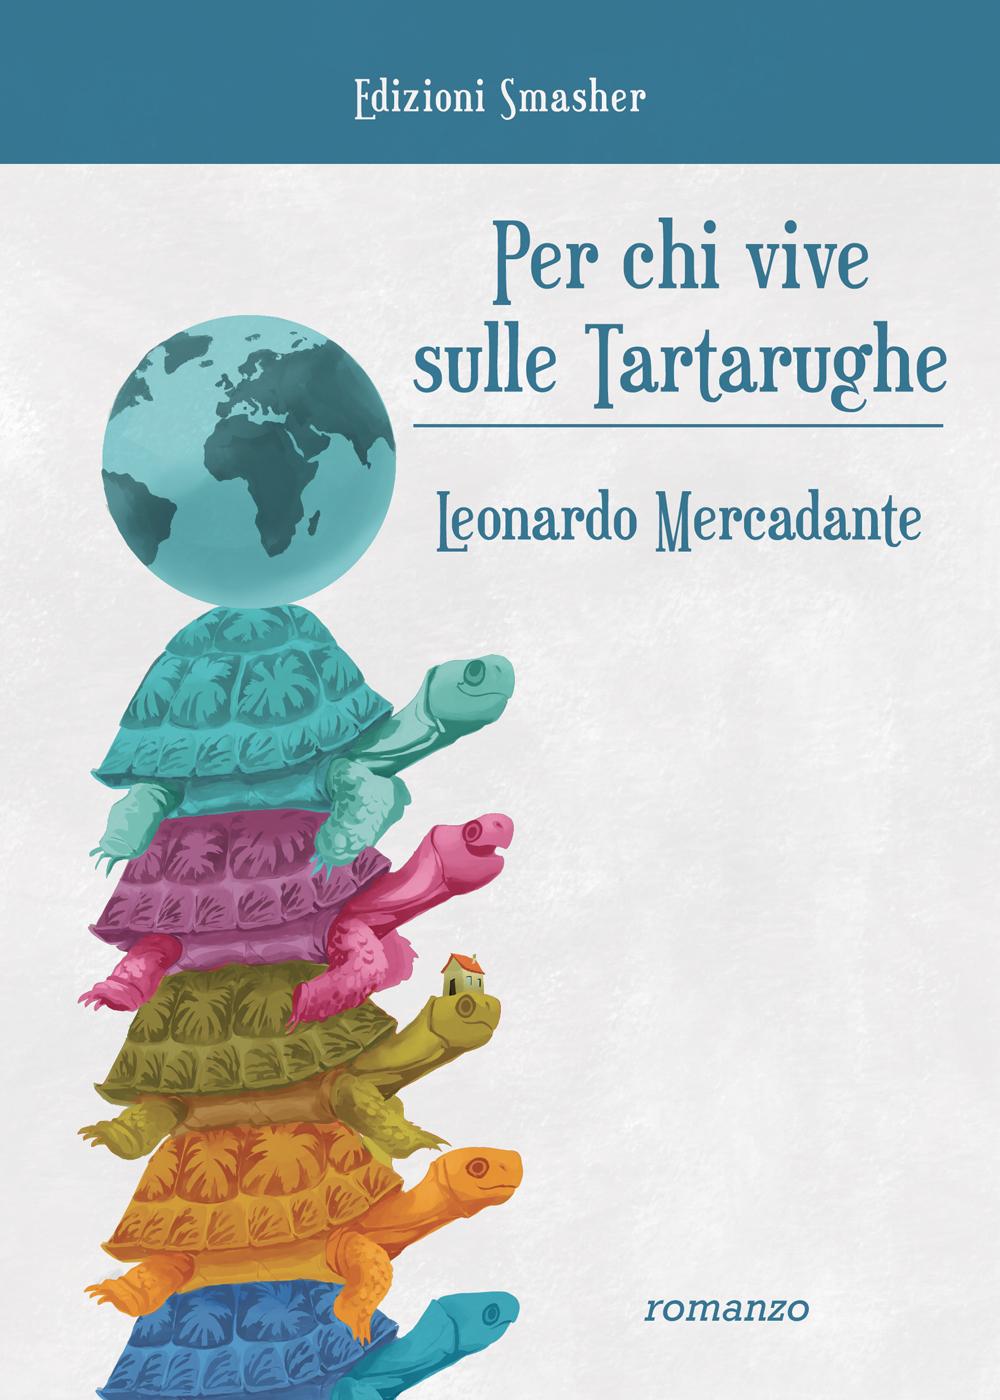 """Per chi vive sulle tartarughe"""" di Leonardo Mercadante – Edizioni Smasher –  Casa Editrice siciliana"""